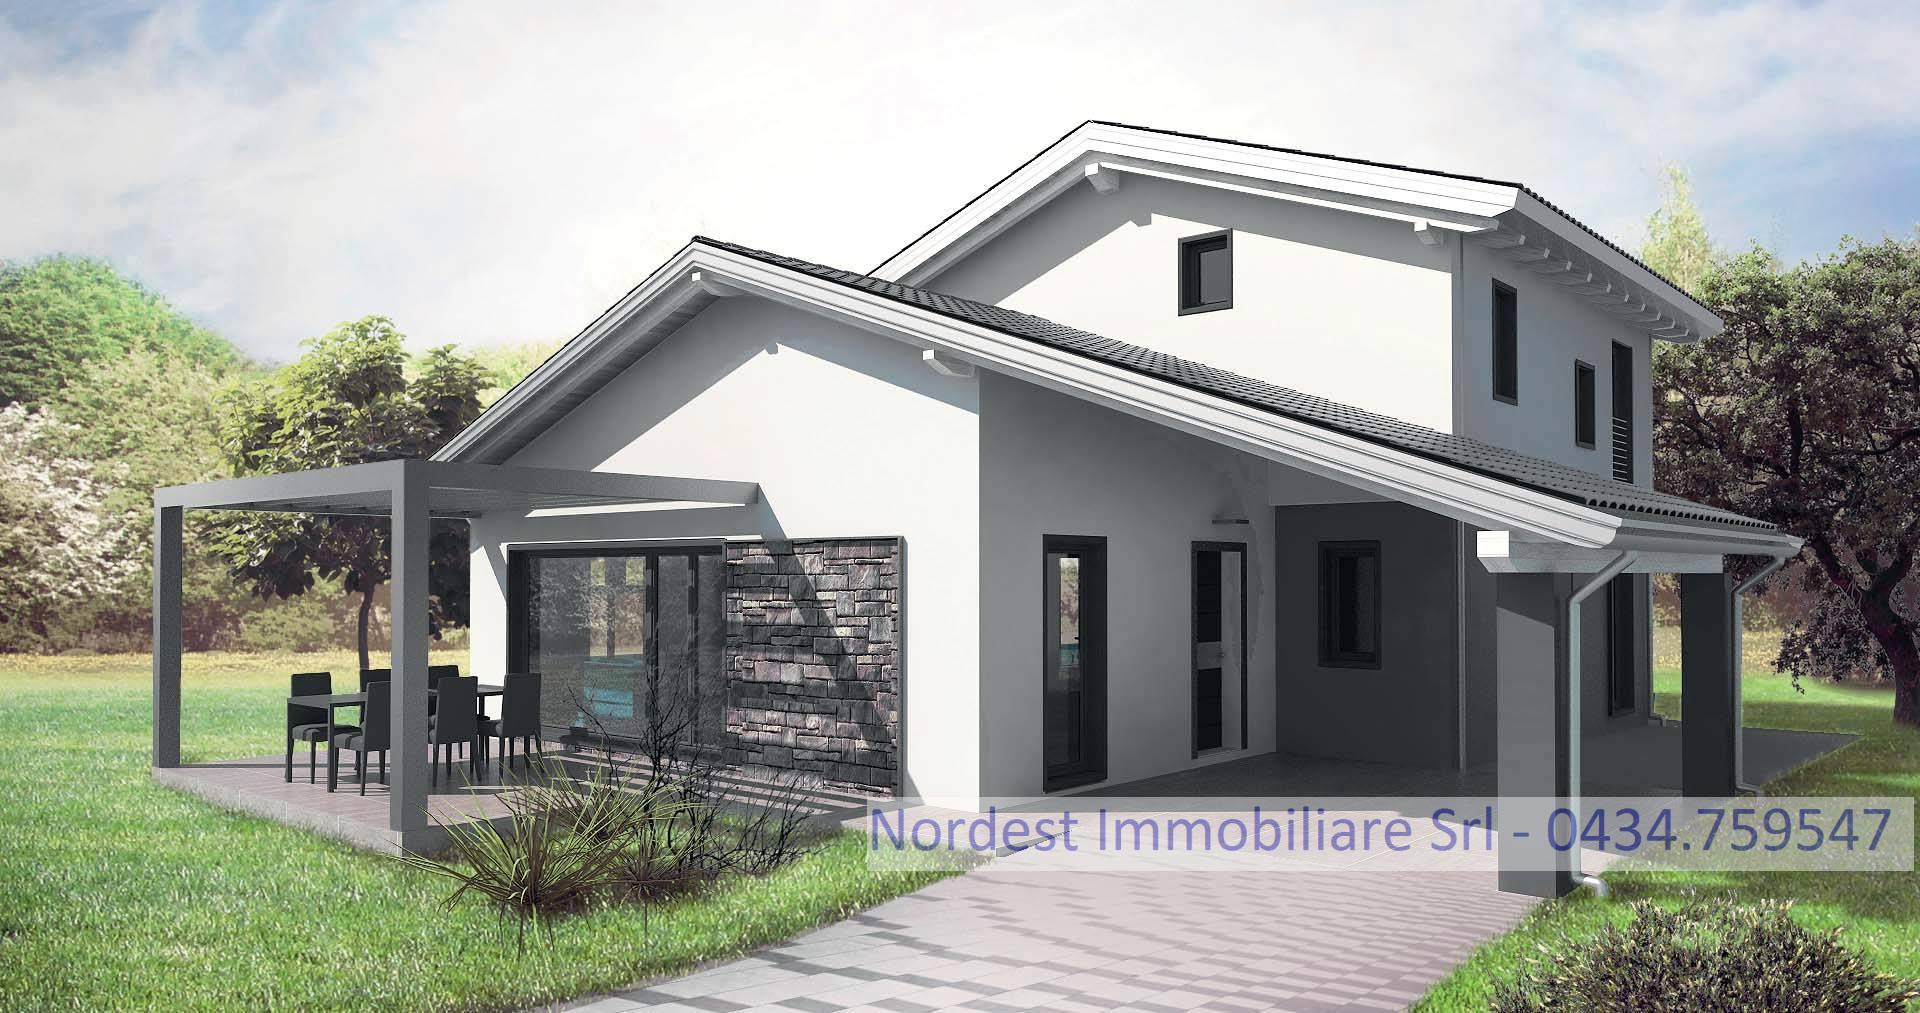 Soluzione Indipendente in vendita a Fonzaso, 6 locali, prezzo € 160.000 | CambioCasa.it